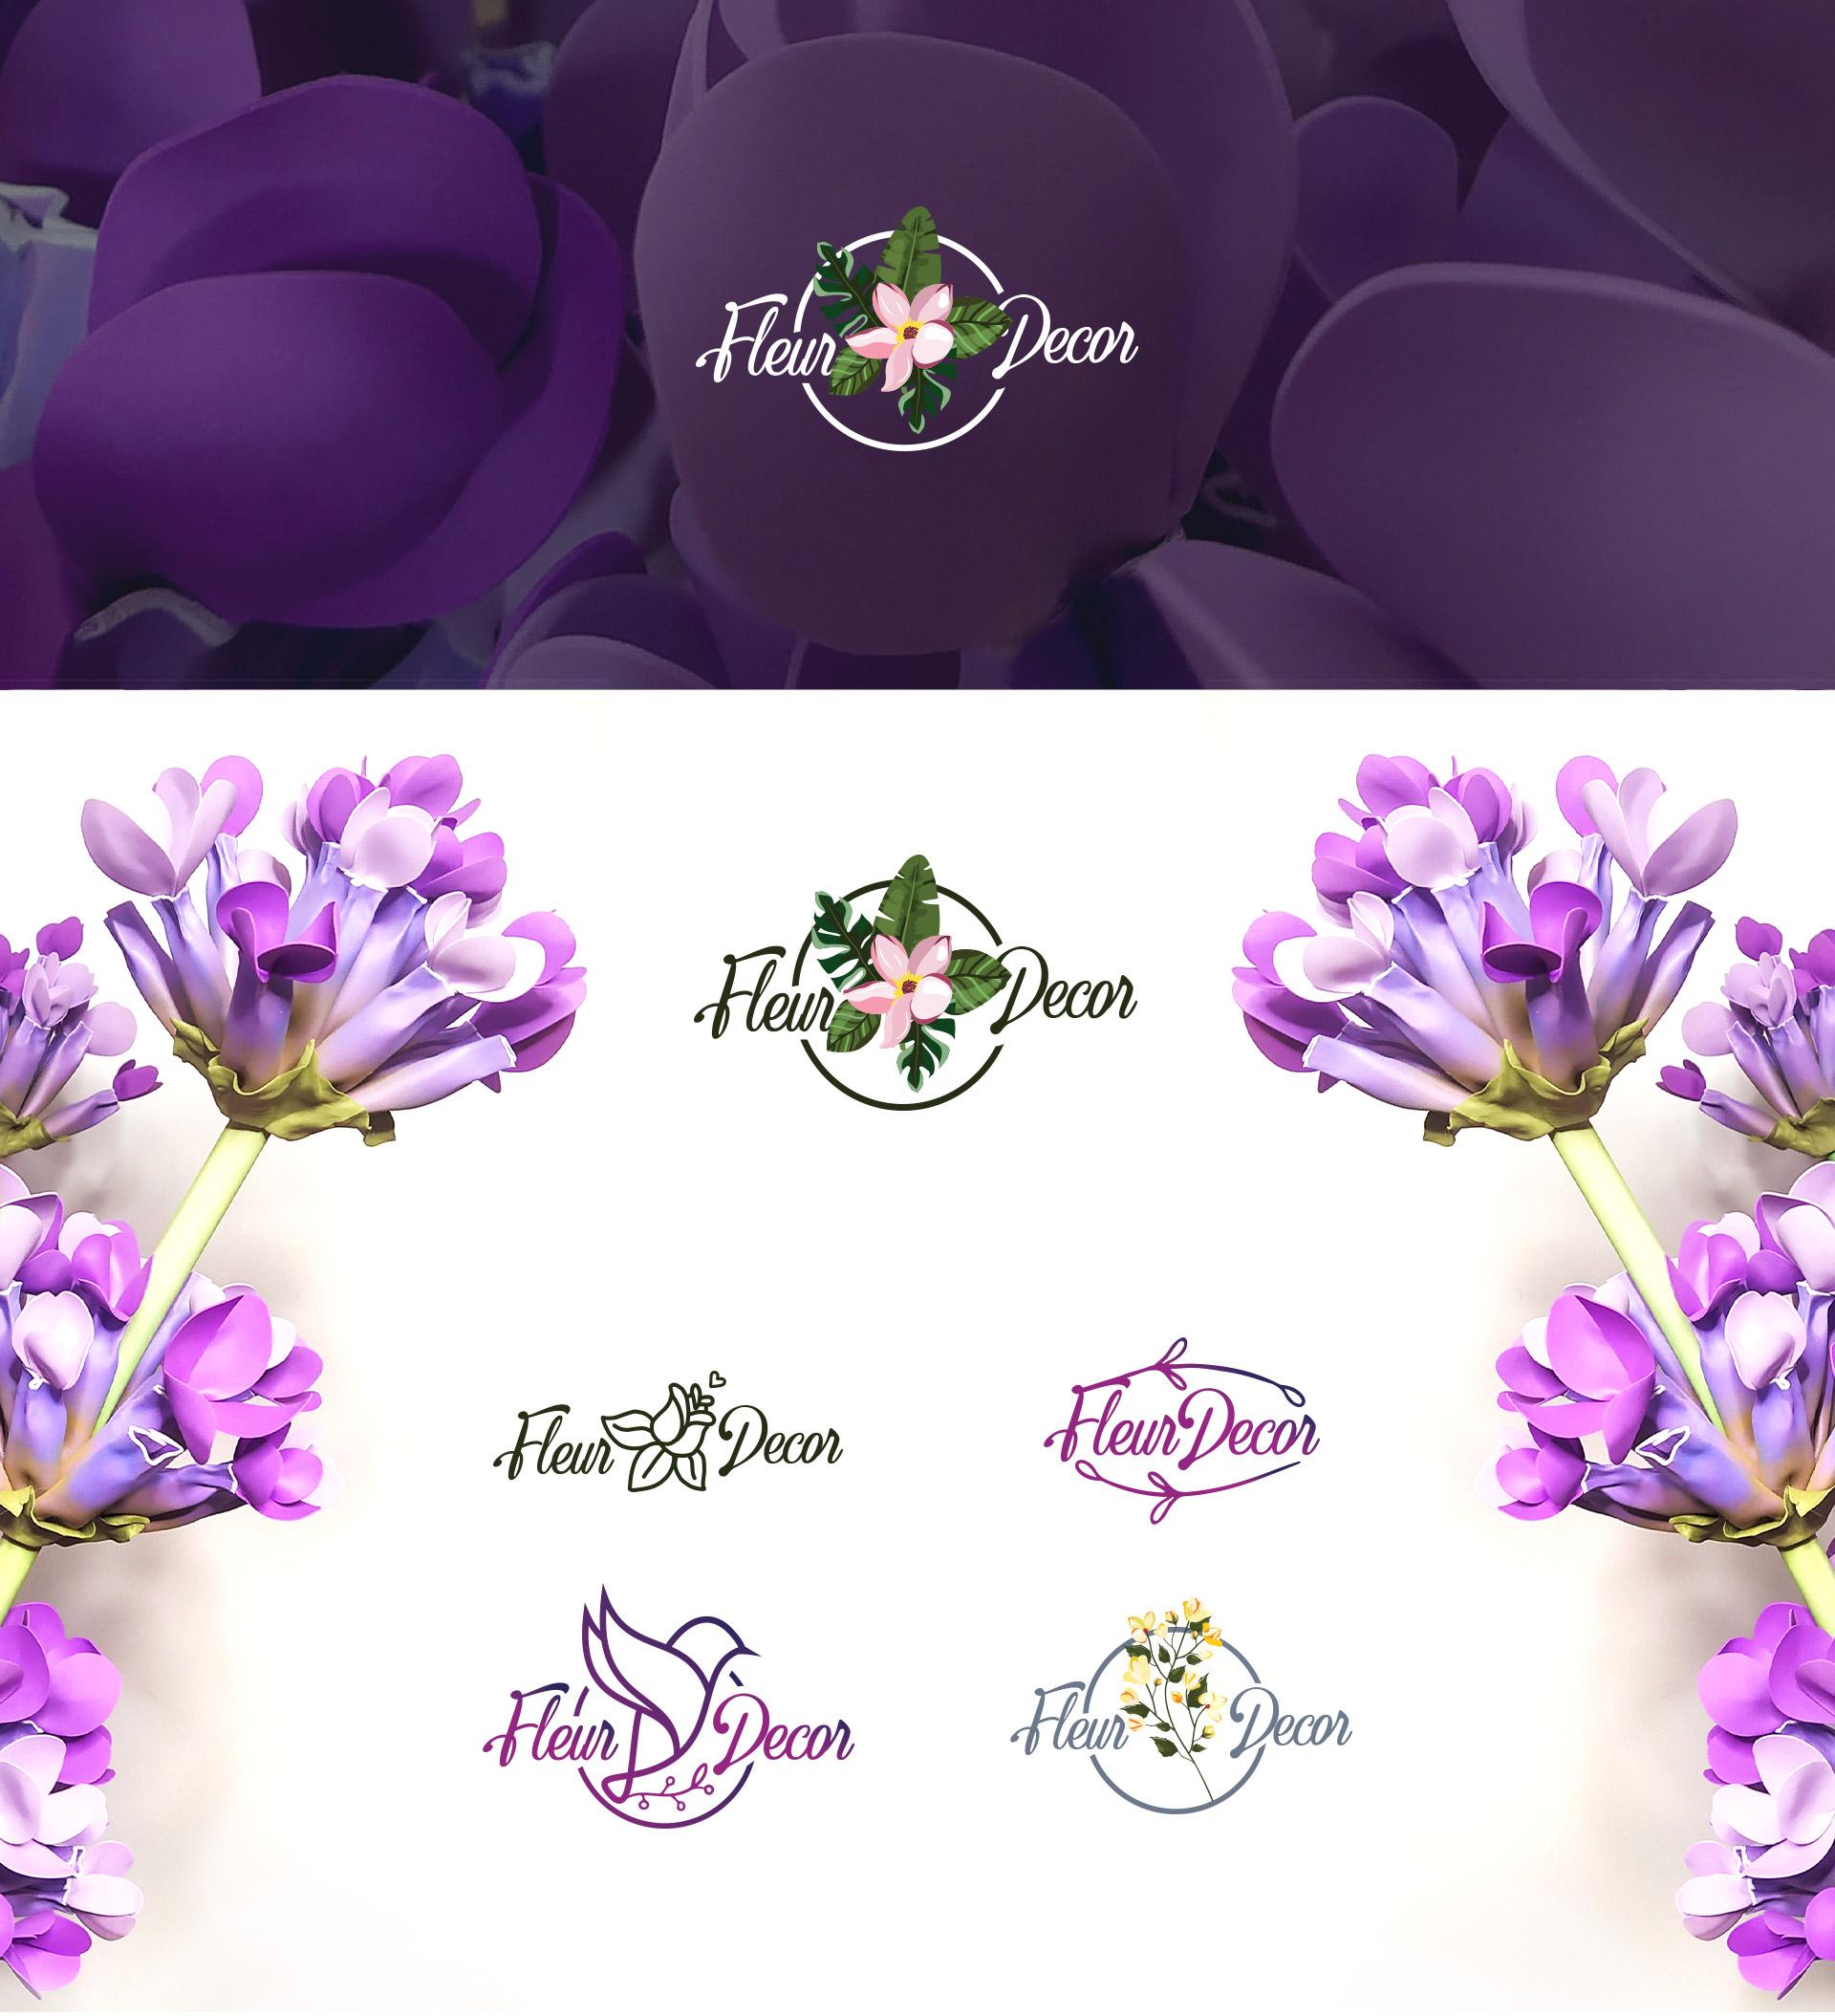 Разработка бренд стиля для студии декора - нейминг и логотип